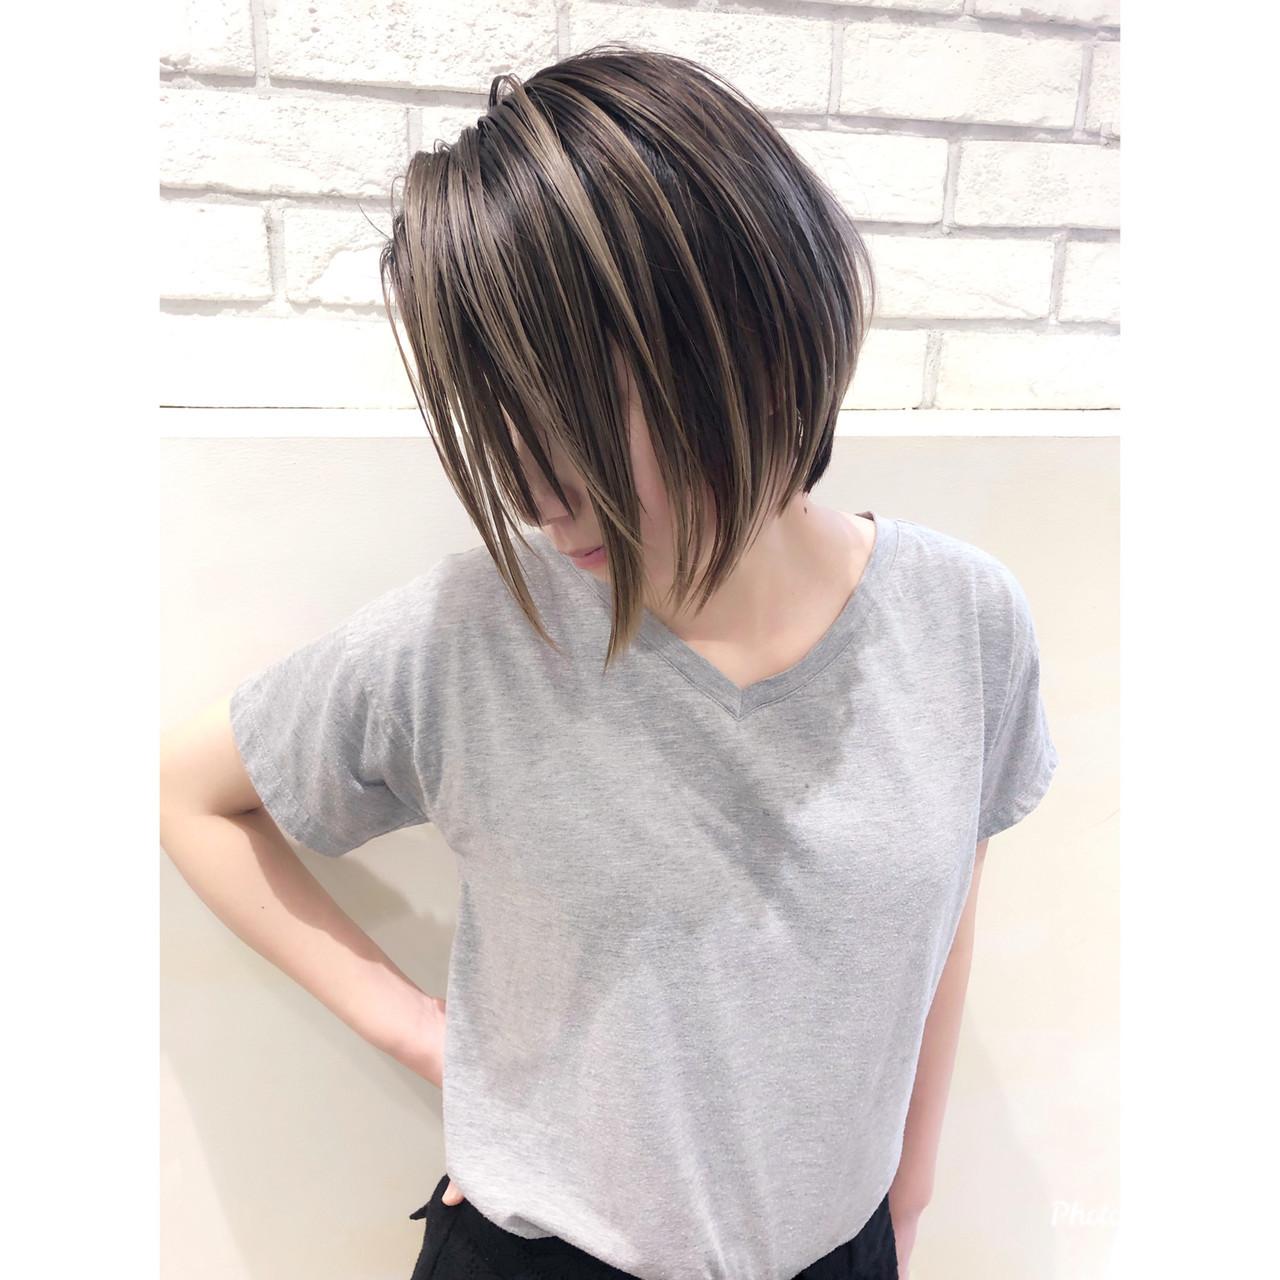 グレージュ ハイライト アンニュイほつれヘア ショート ヘアスタイルや髪型の写真・画像